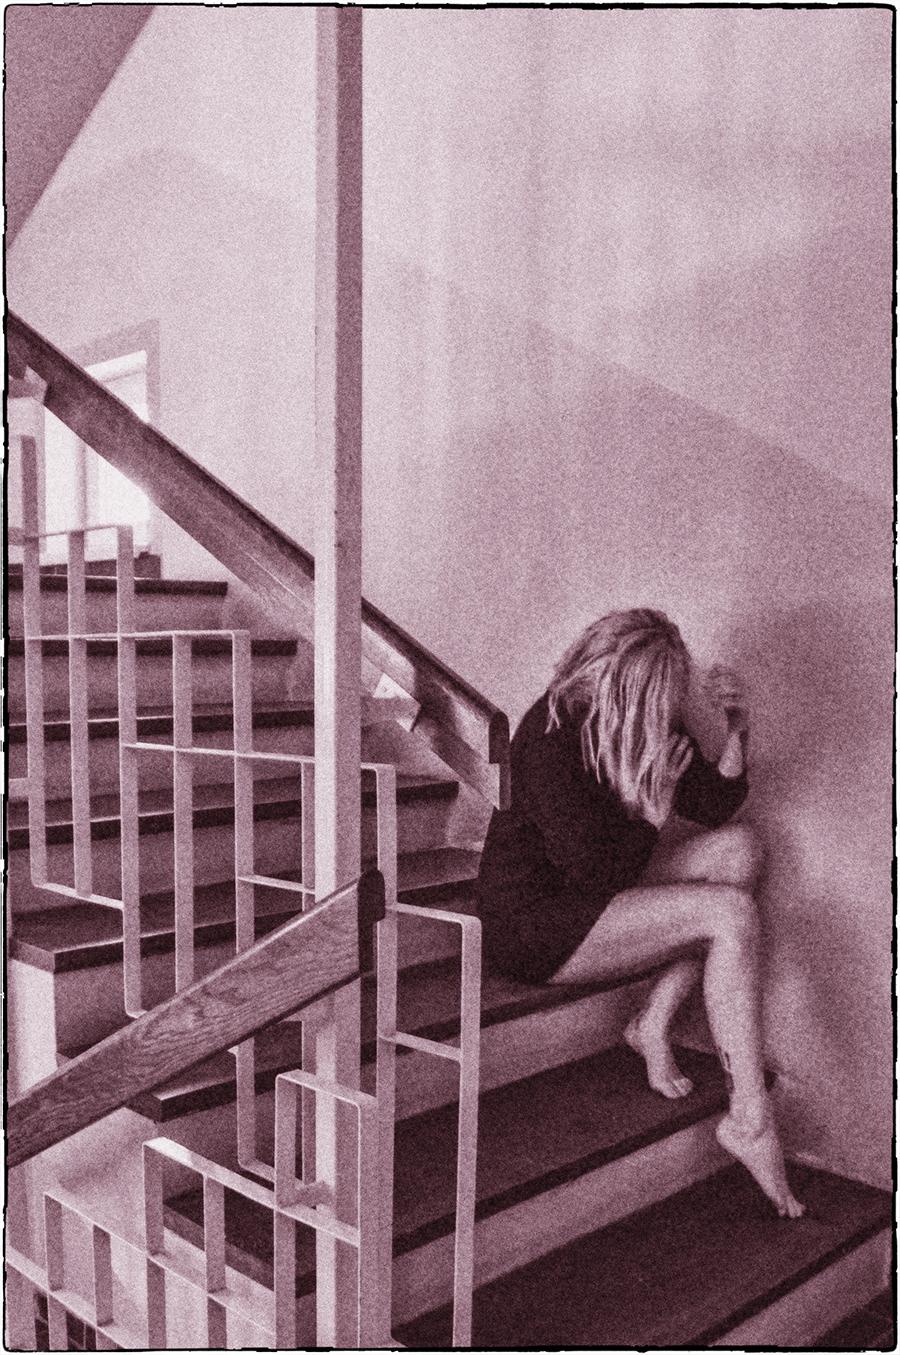 For Peet's Sake blgo girl sitting on stairs black knit sweater